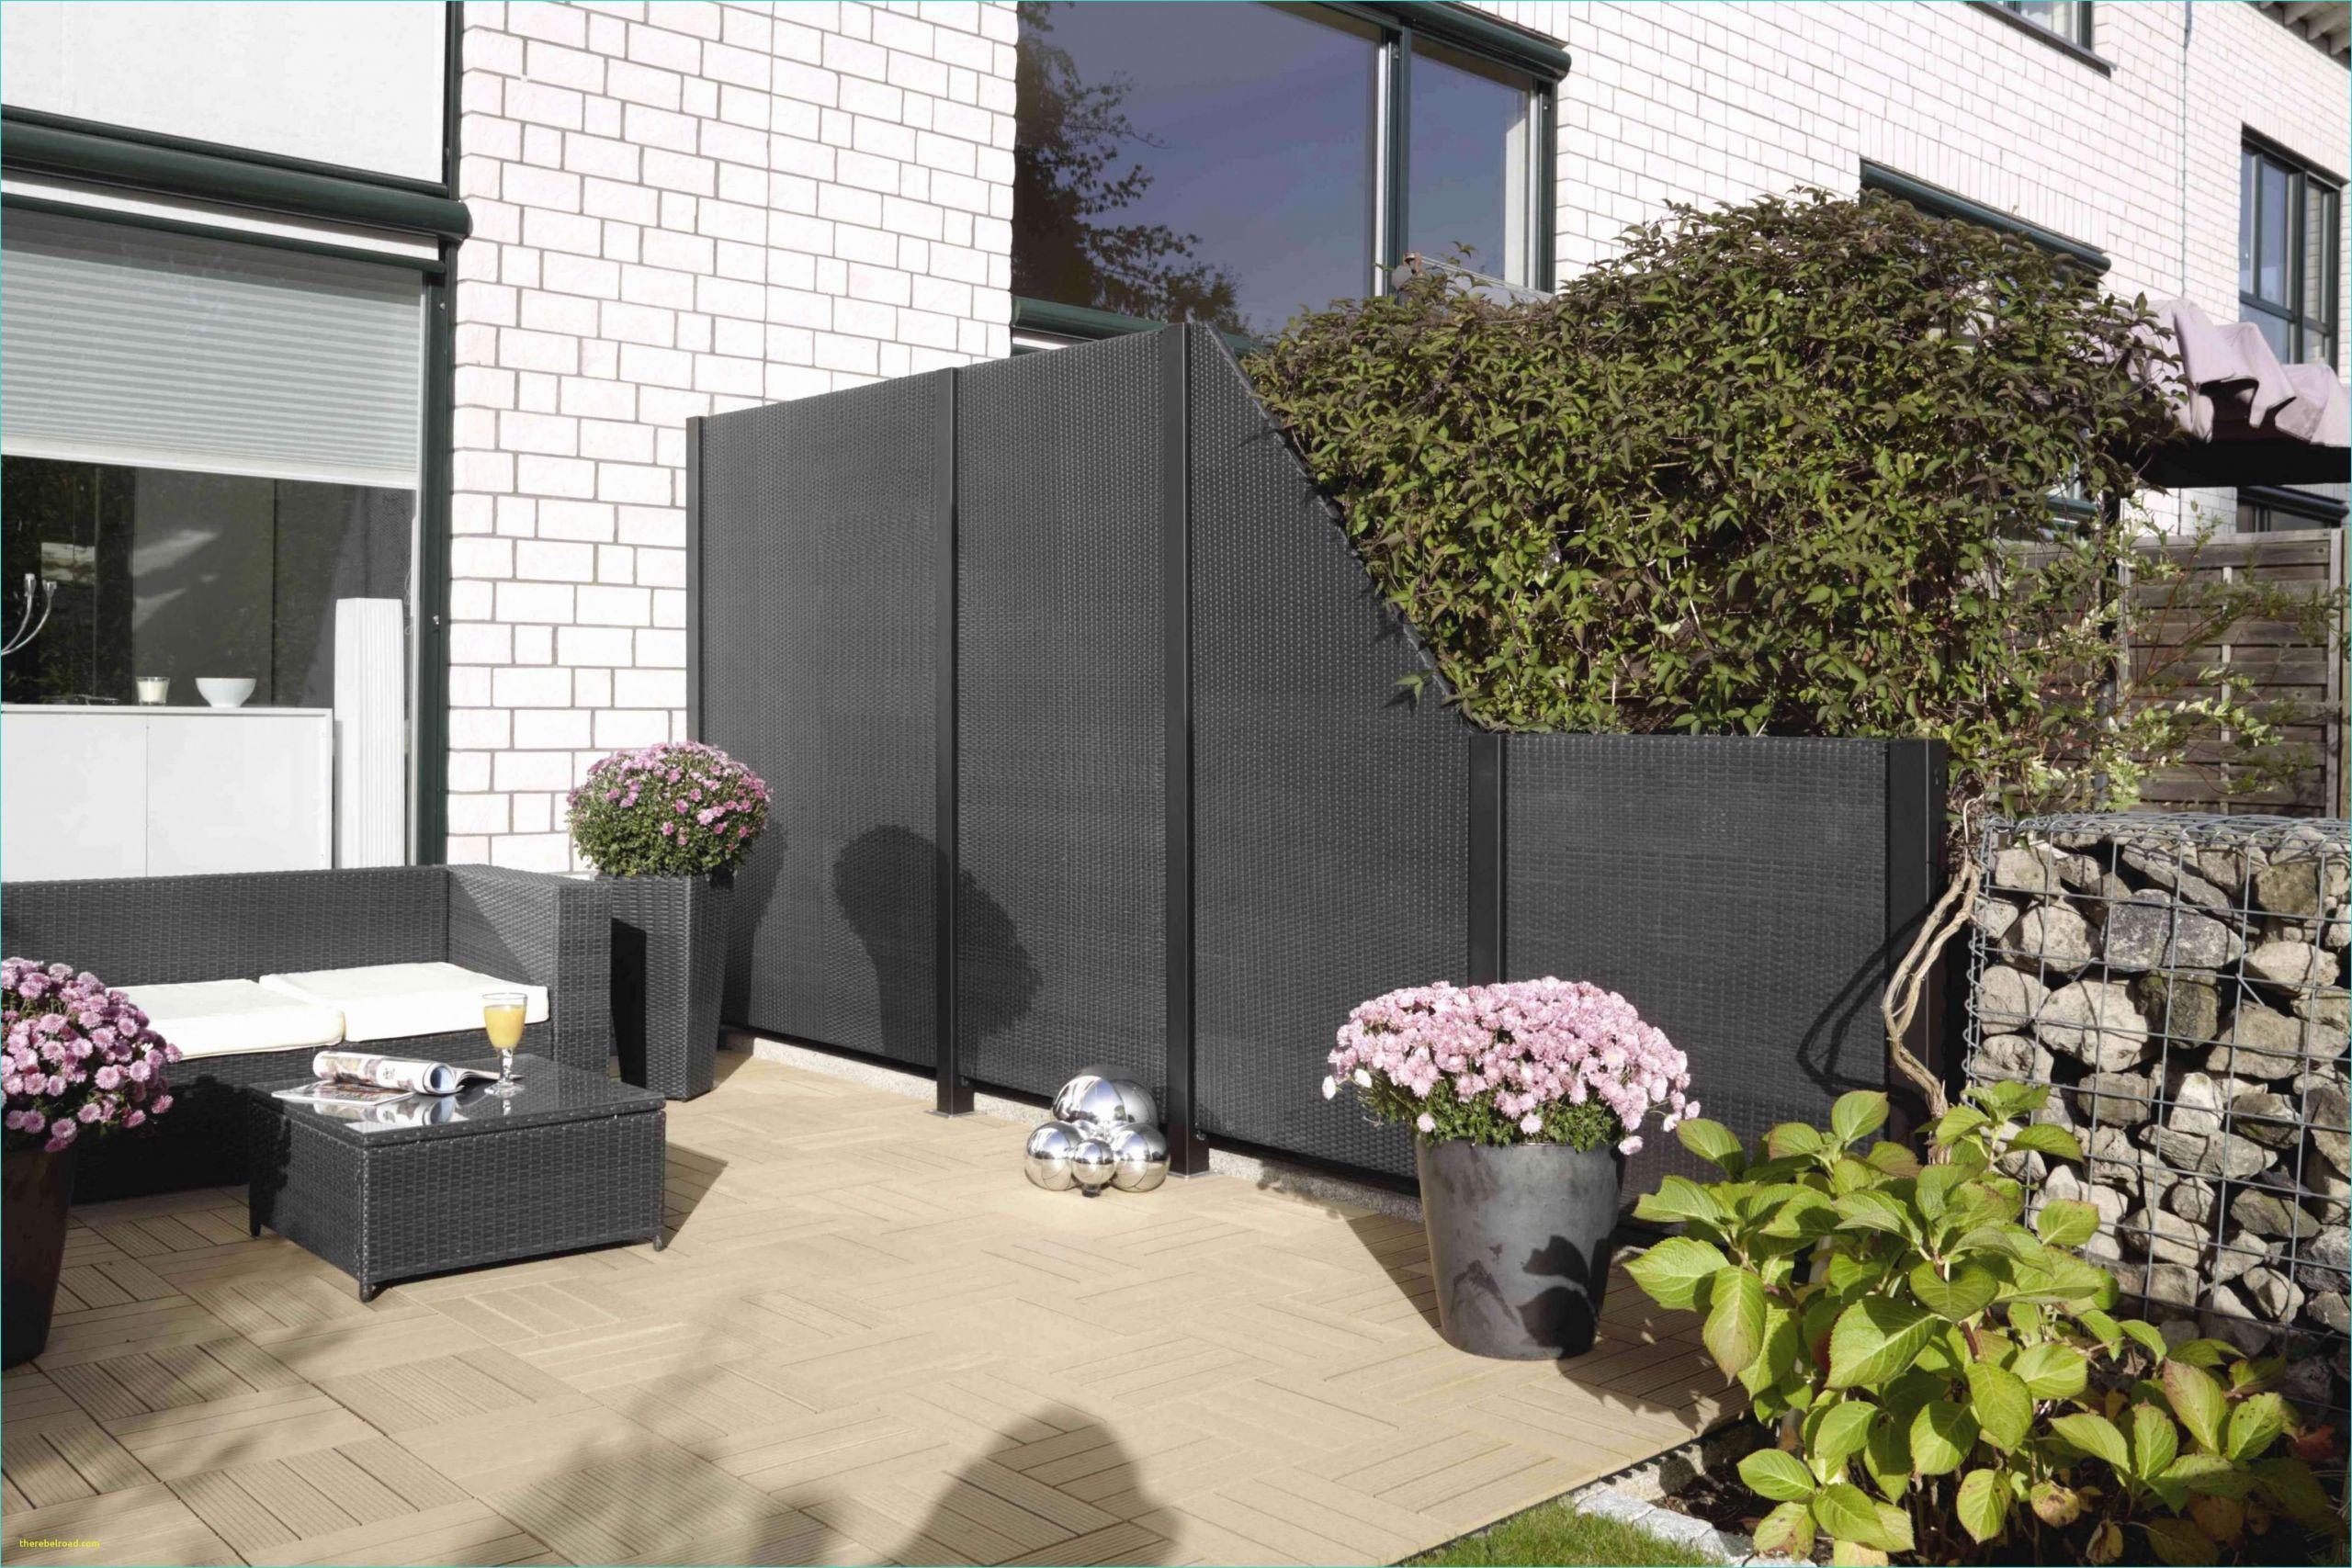 42 schon terrasse pflanzen sichtschutz stock sichtschutz terrasse pflanzen sichtschutz terrasse pflanzen